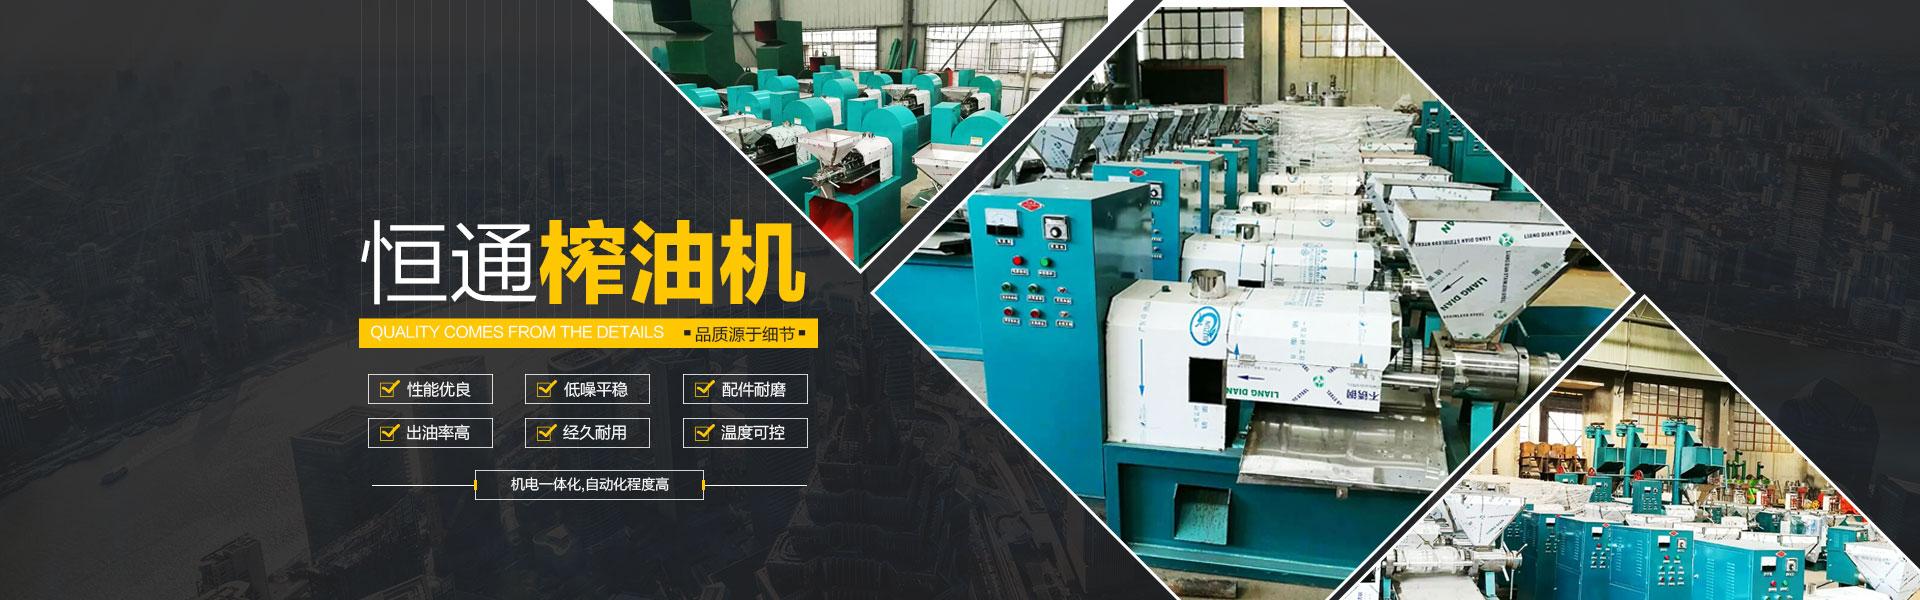 榨油机设备厂家网站